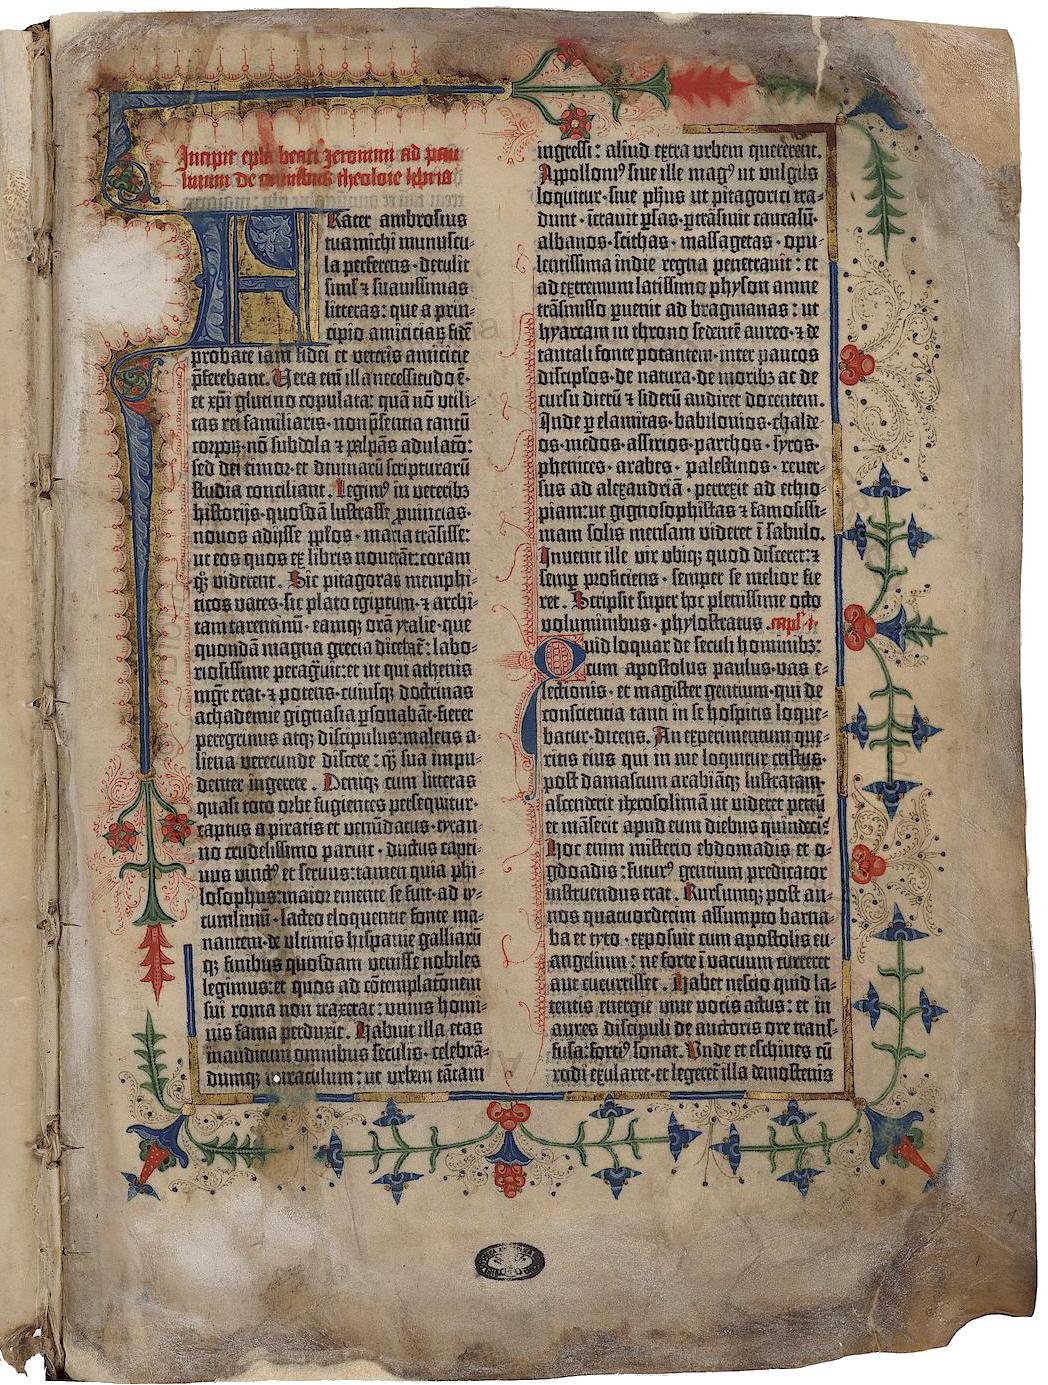 LavBiblioteca apostolica vaticana conserva due copie della Bibbia di Gutenberg, una in pergamena e una in carta